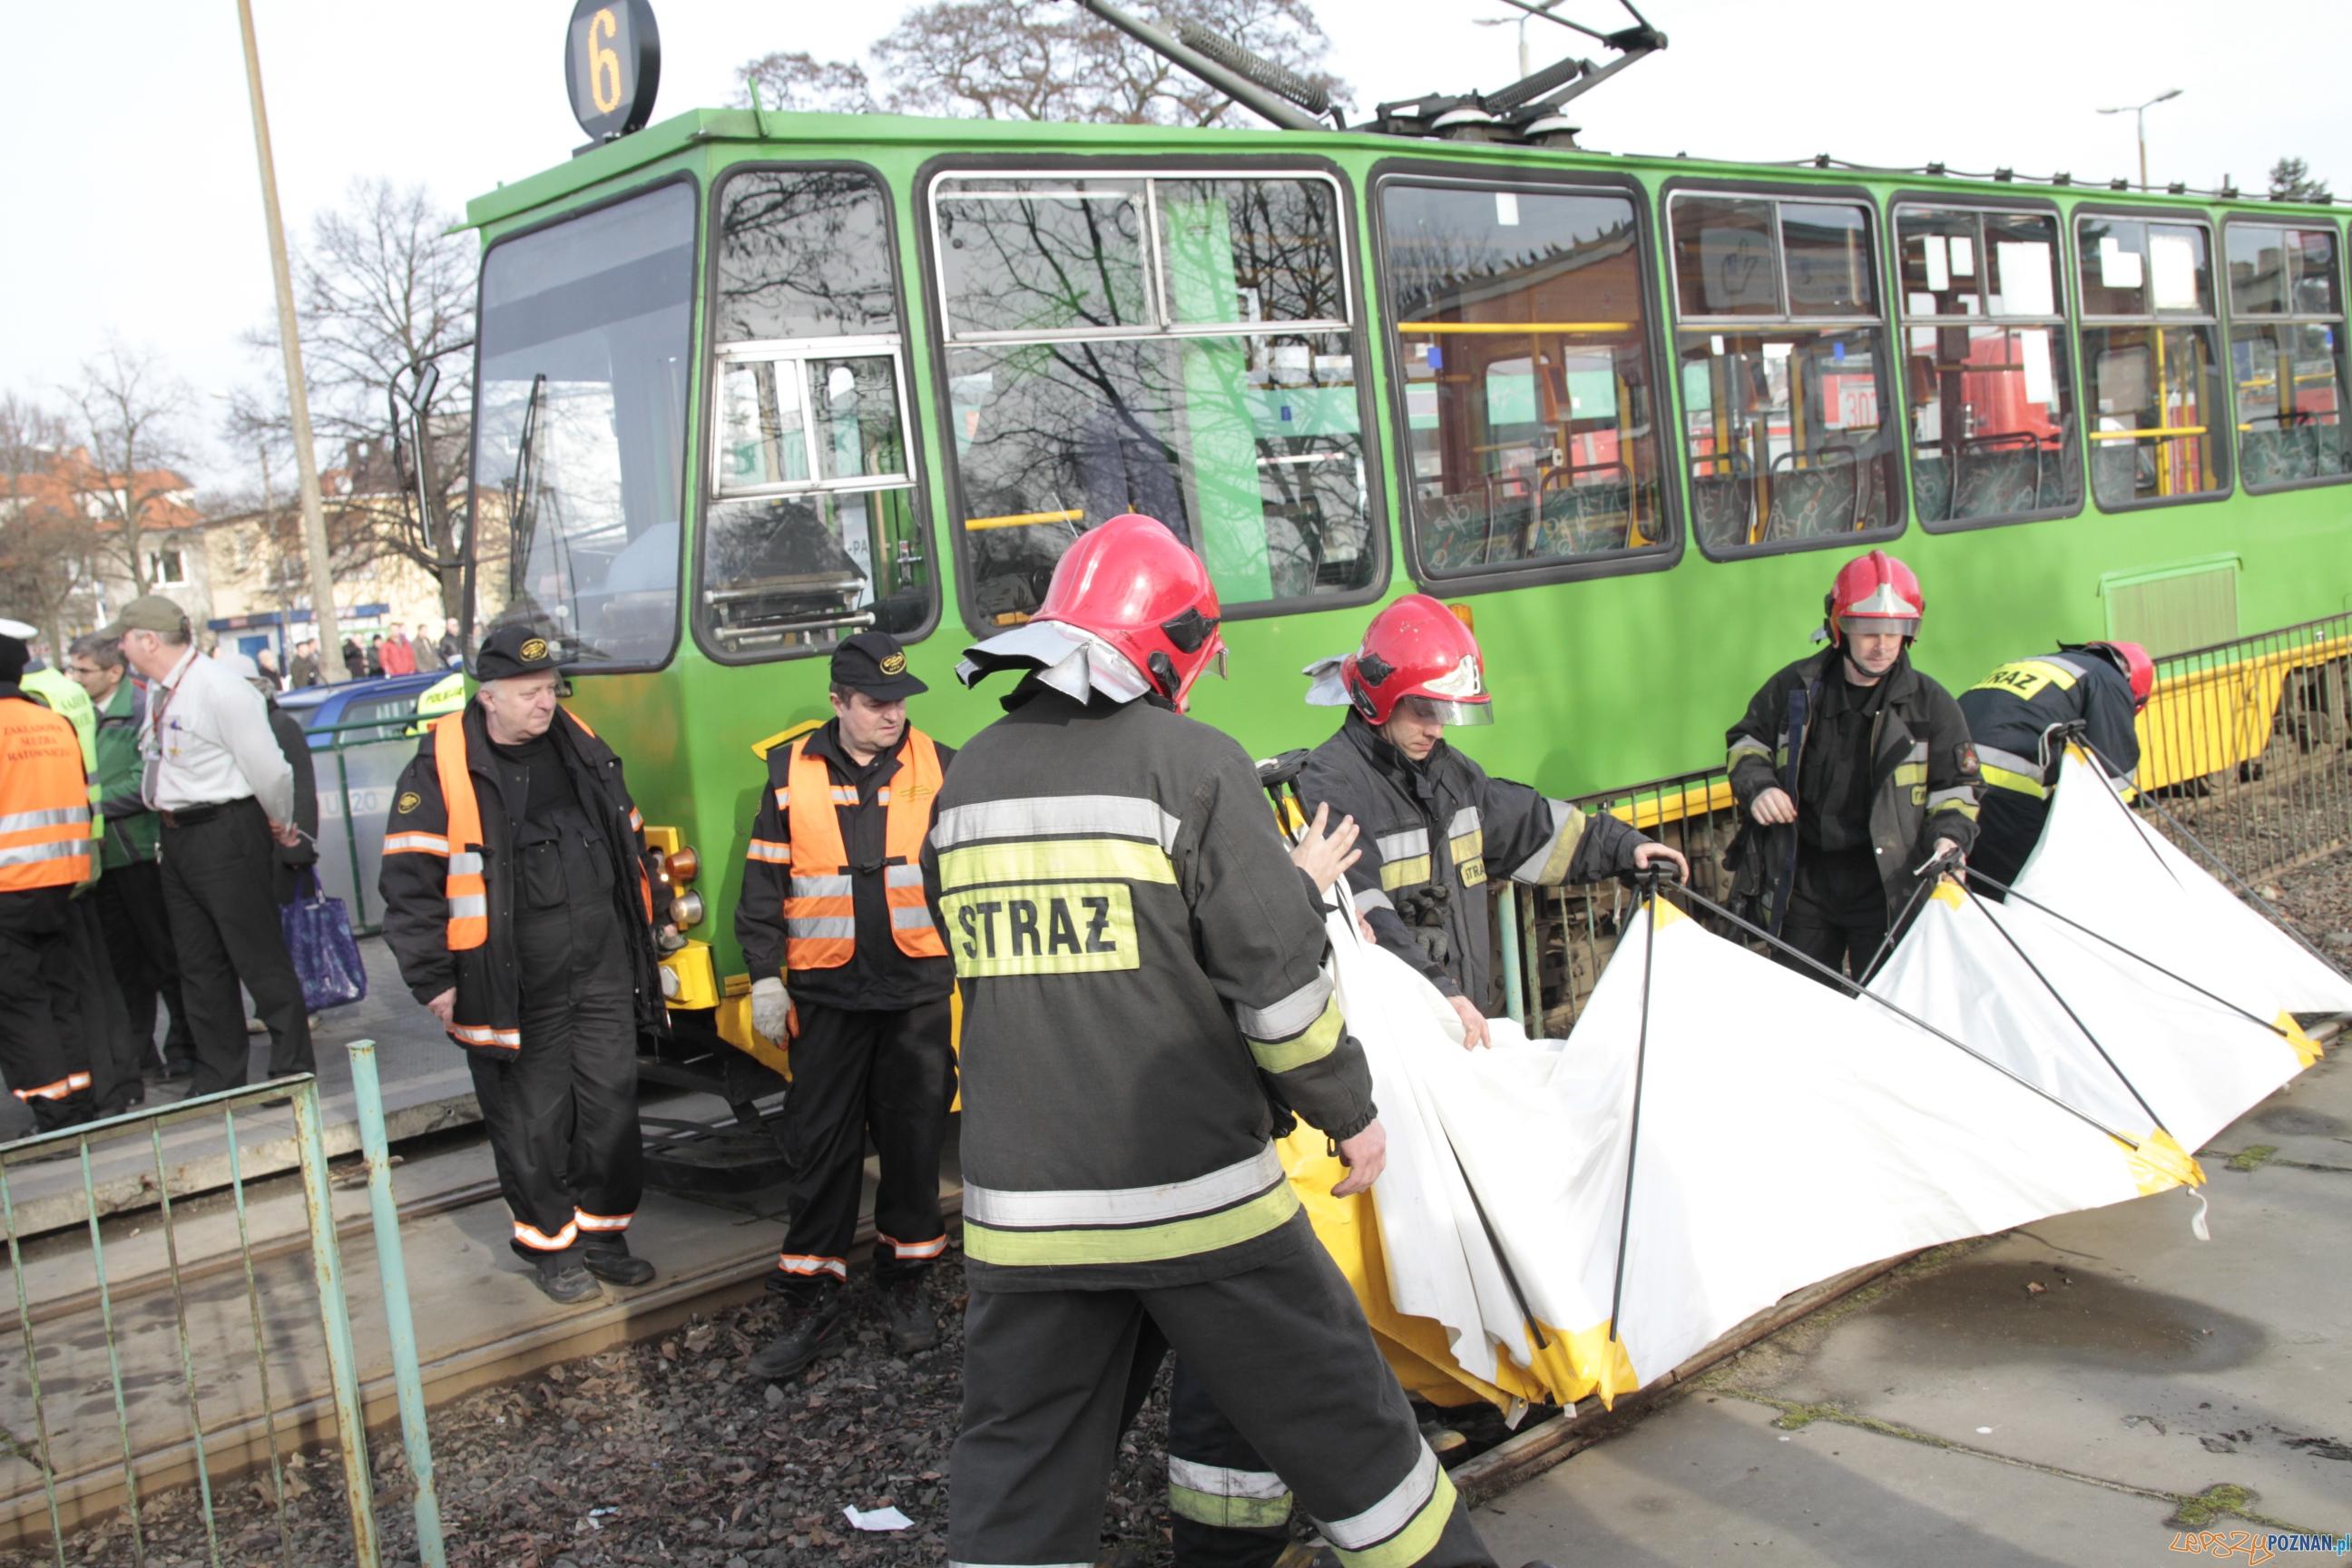 Wypadek na ulicy Warszawskiej  Foto: LepszyPOZNAN.pl / Pawel Rychter